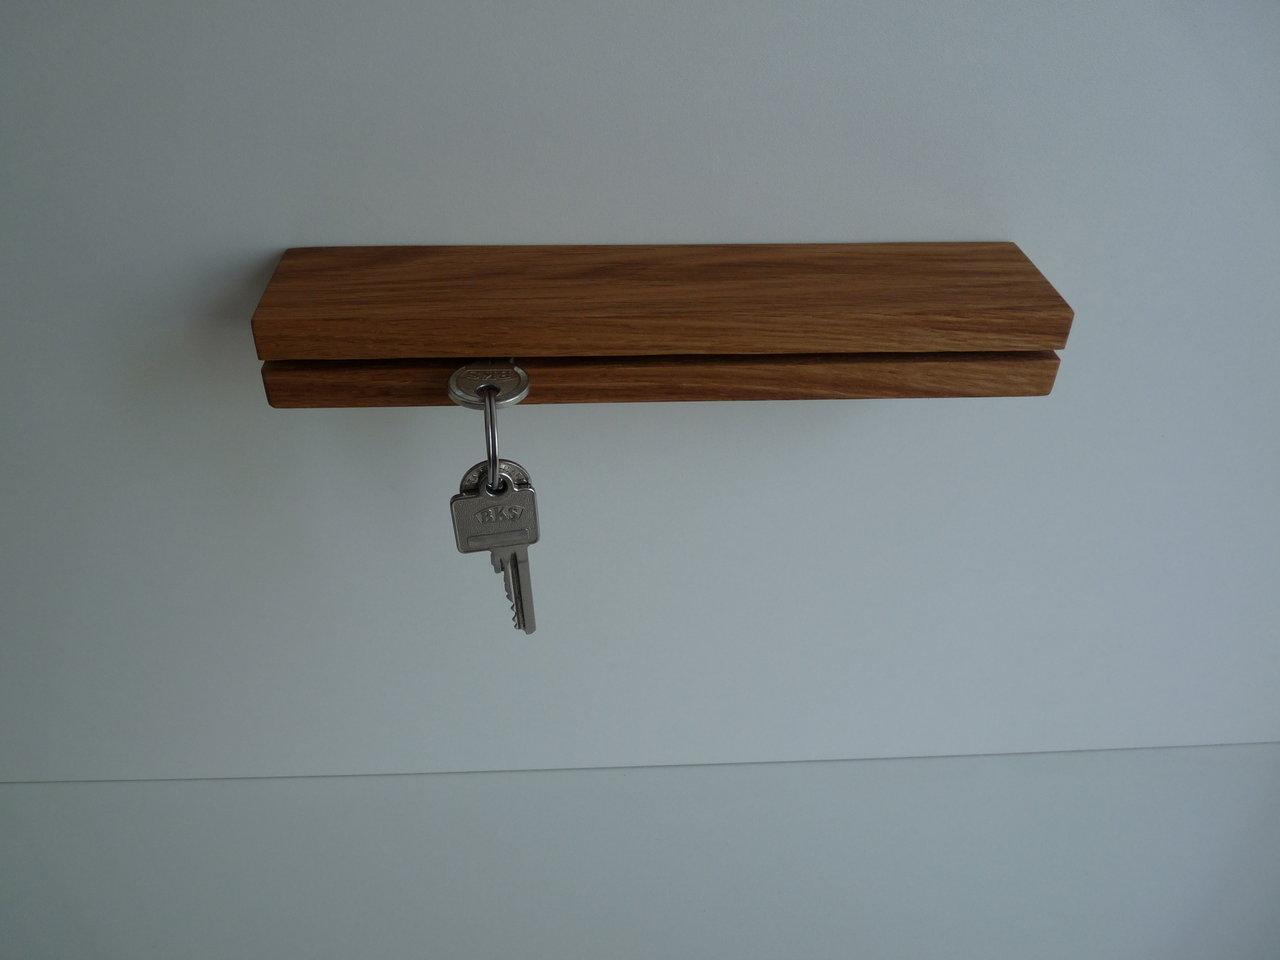 Schlüsselbrett Eiche schlüsselbrett eiche - holzkunst blocher